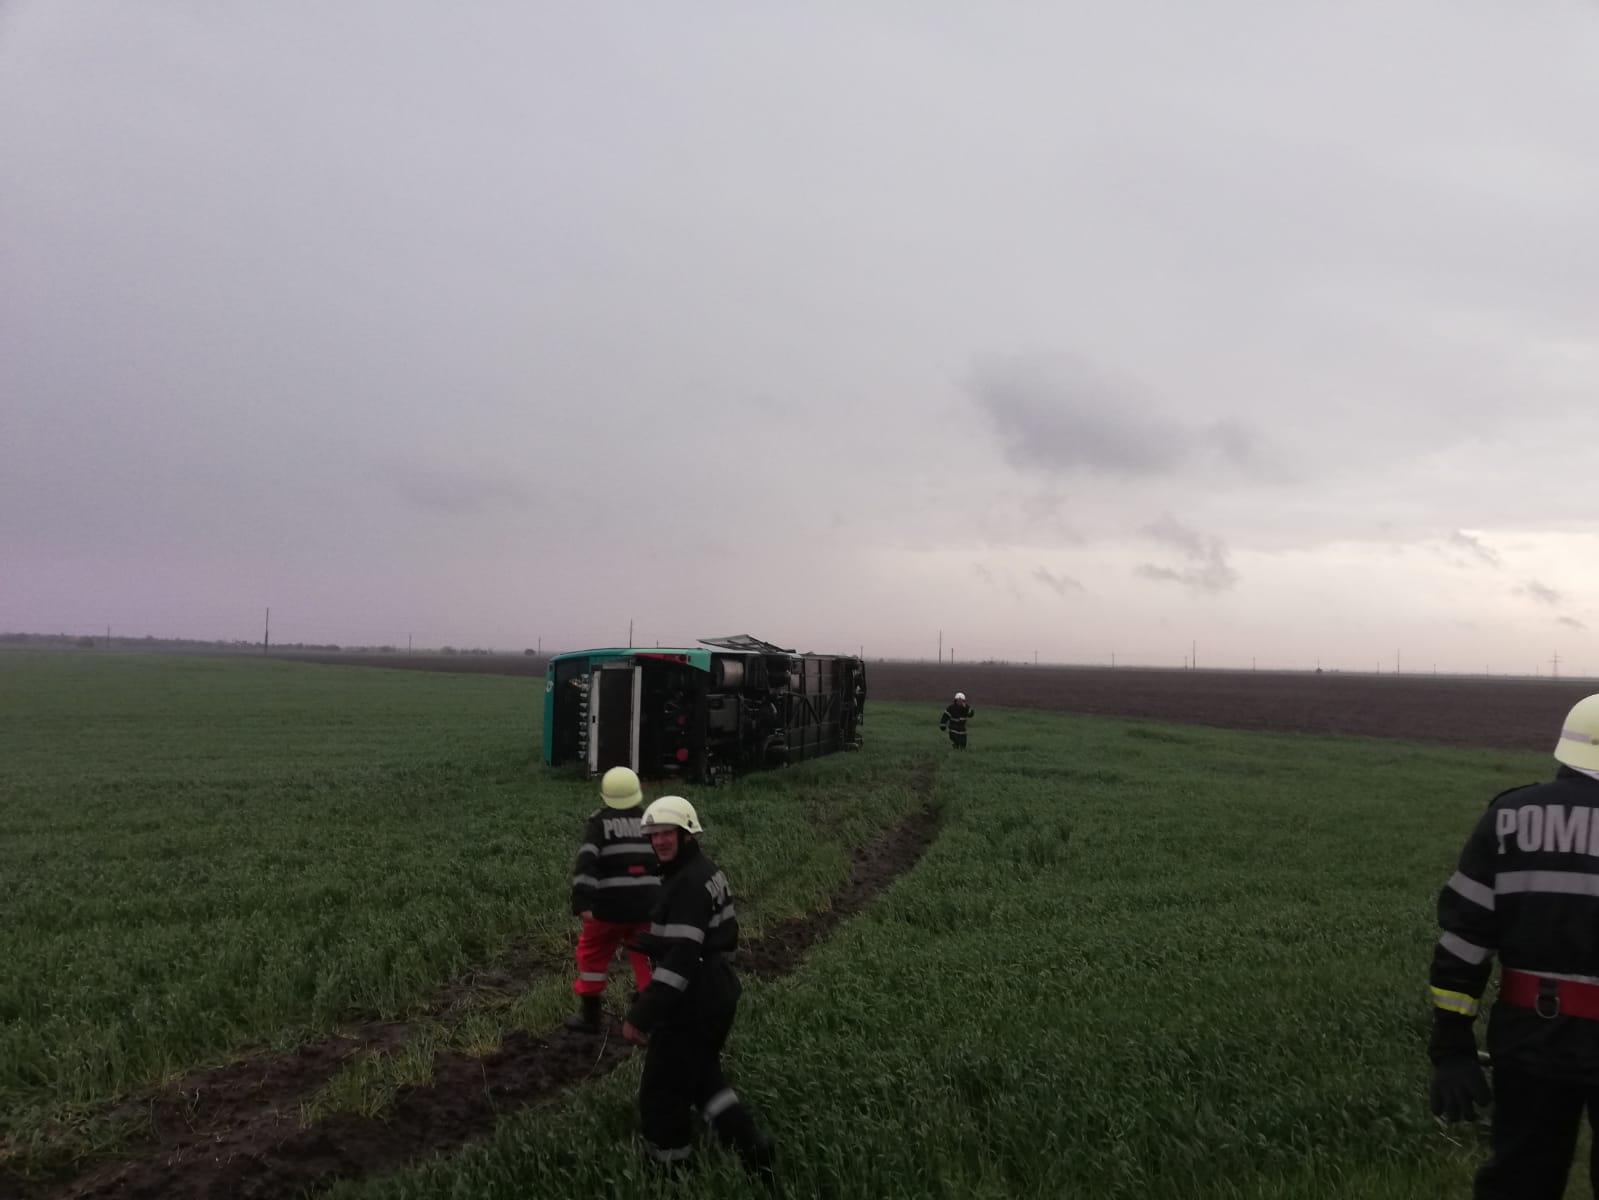 VIDEO: Tornadă în localitatea Drajna, județul Călărași. Cel puțin 10 case au rămas fără acoperiș. Autocar cu 39 de pasageri răsturnat din cauza vântului